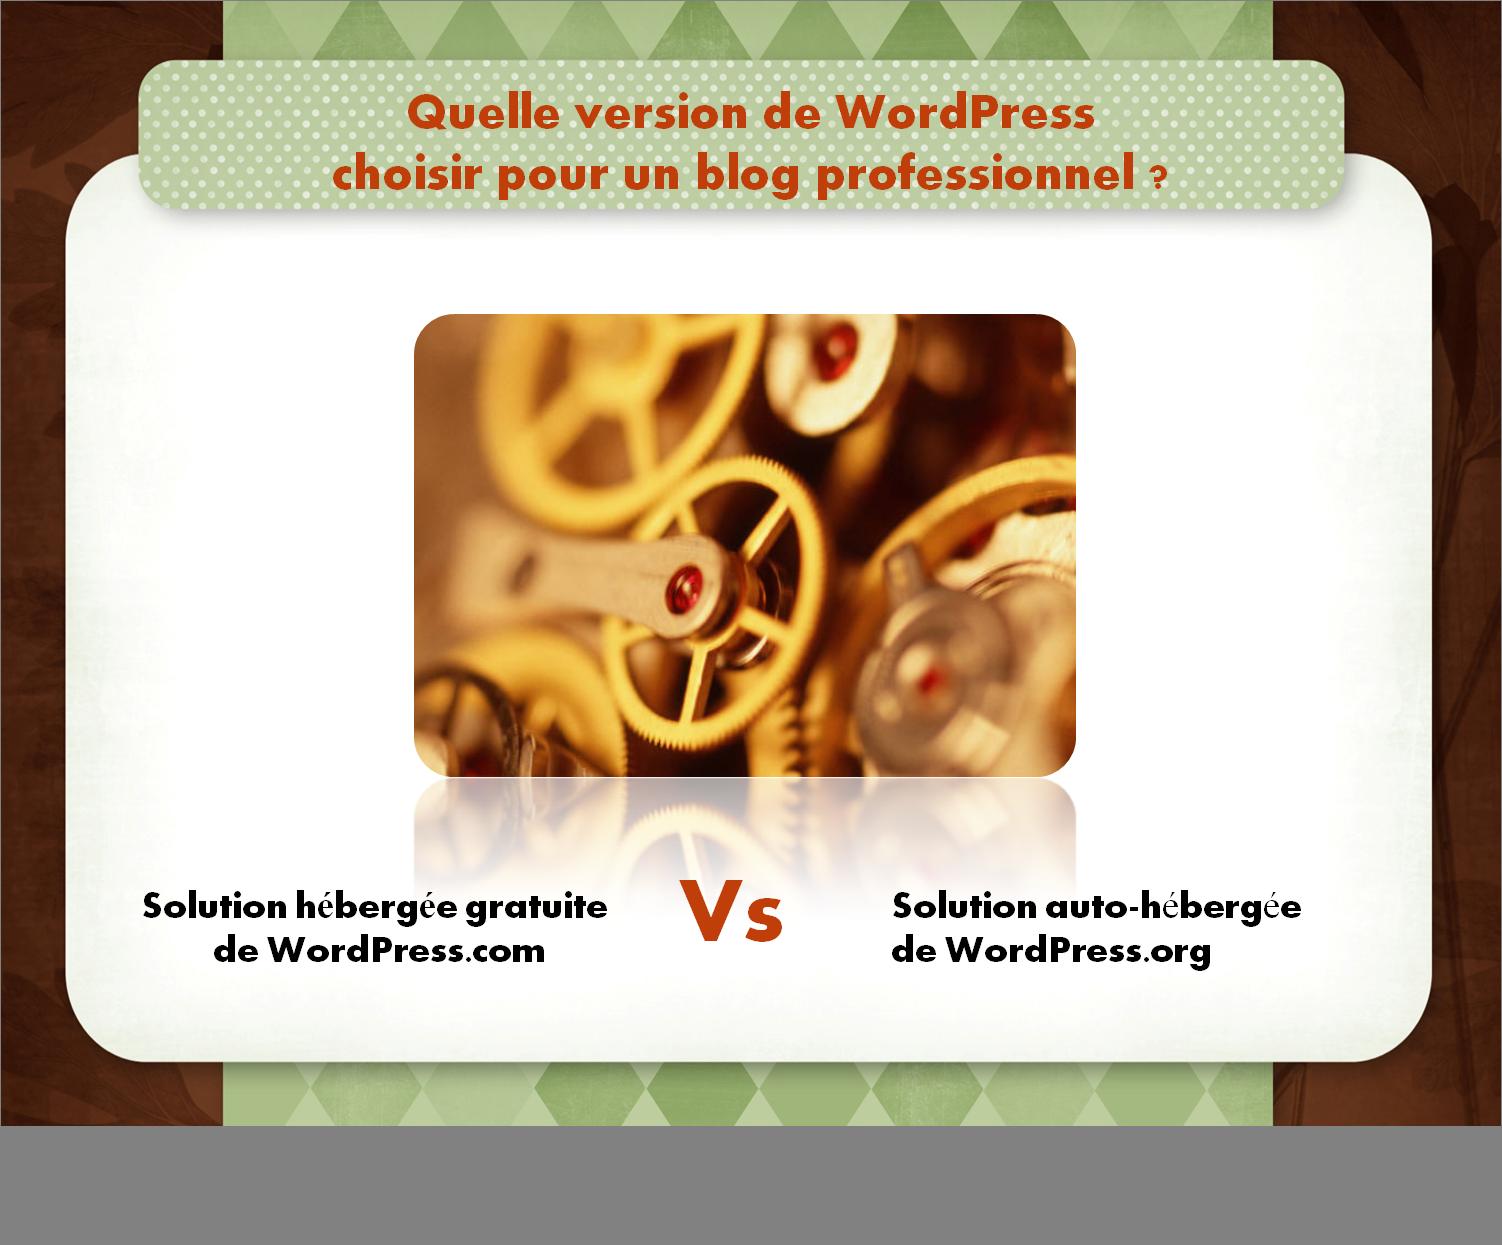 WordPress : solution hebergée gratuite vs solution auto-hébergée